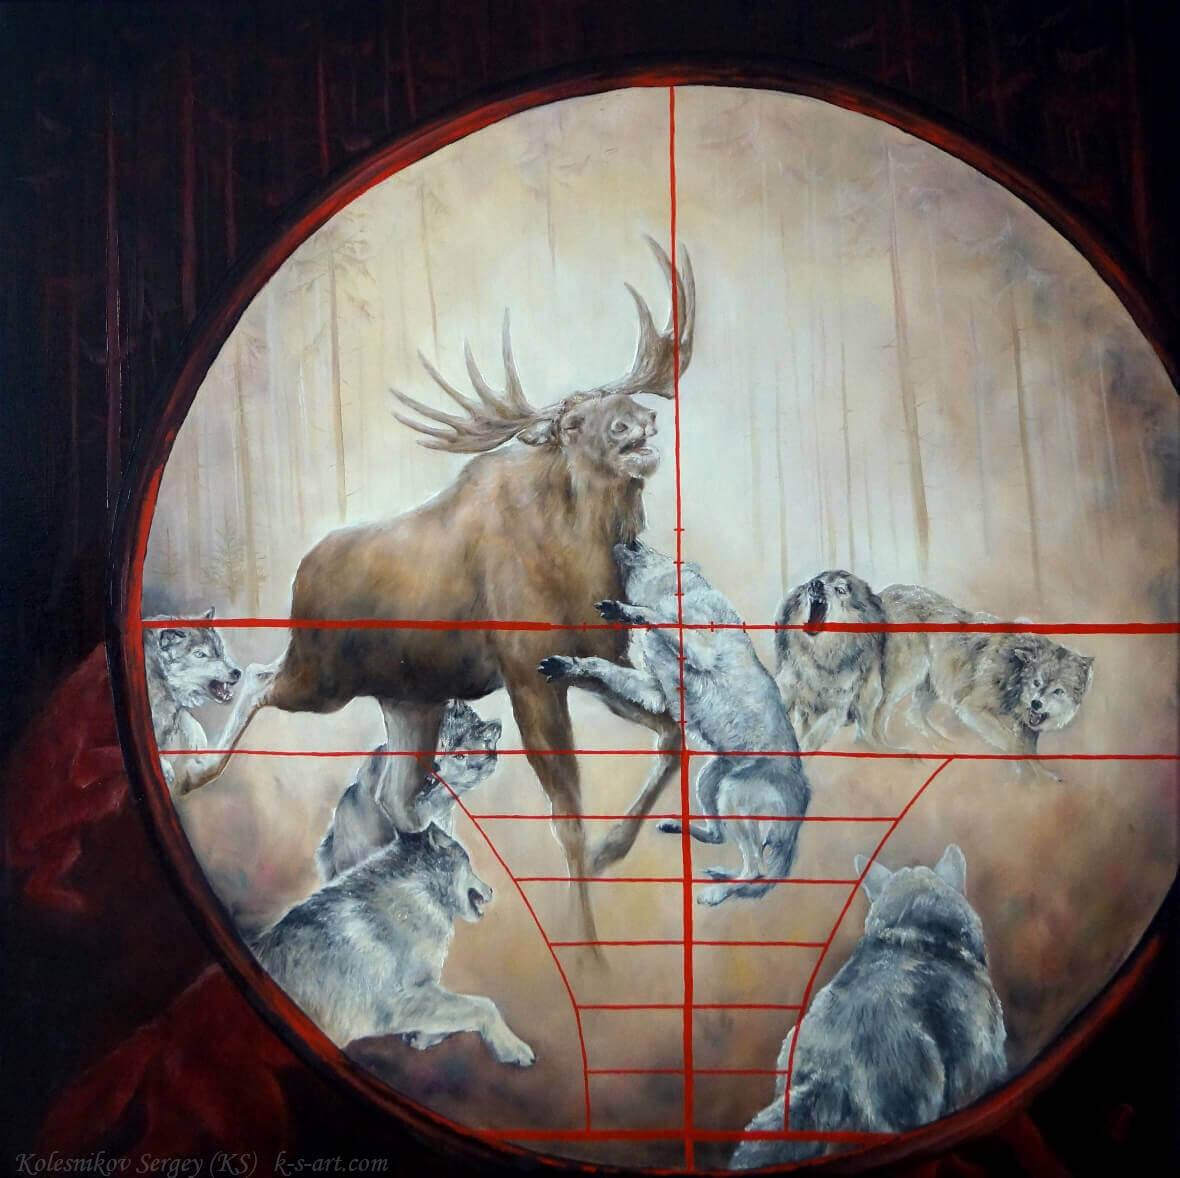 Из серии - Охота (волки) - картина, автор Сергей Колесников (KS), холст (лён, мелкое зерно), масло, 75x75 см, 2016 год. Живопись, авторский стиль - интегральный реализм.